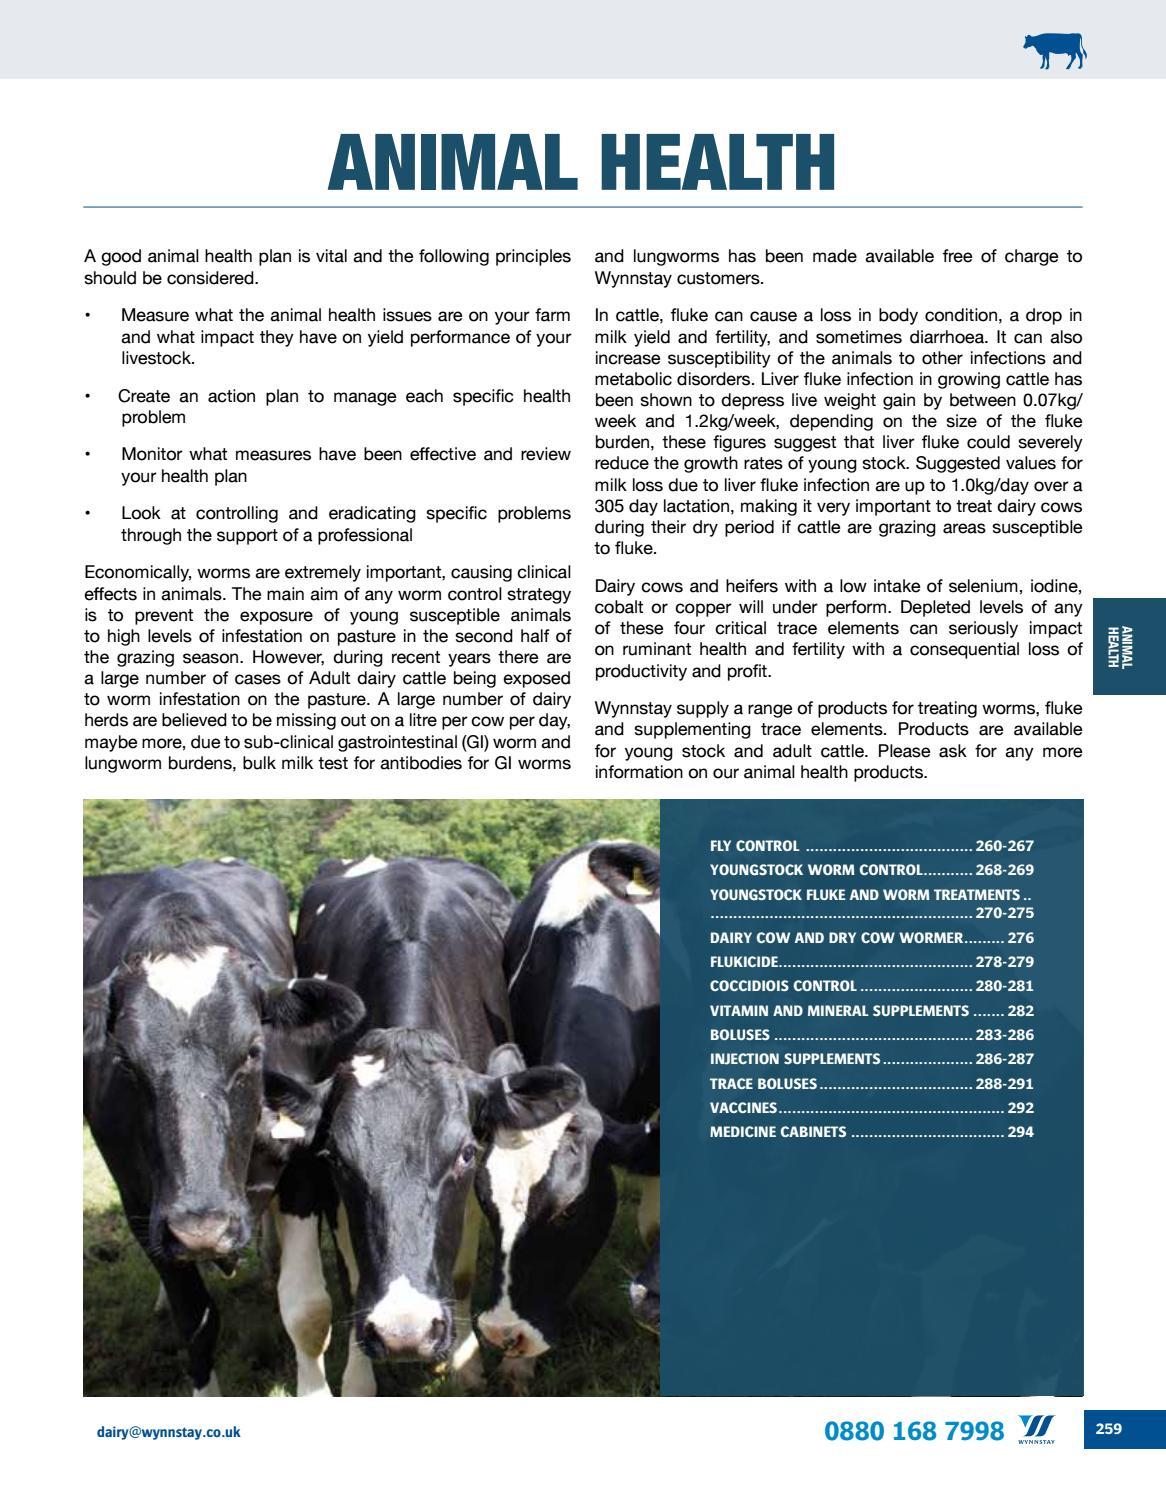 Wynnstay Dairy Catalogue by WynnstayGroup - issuu